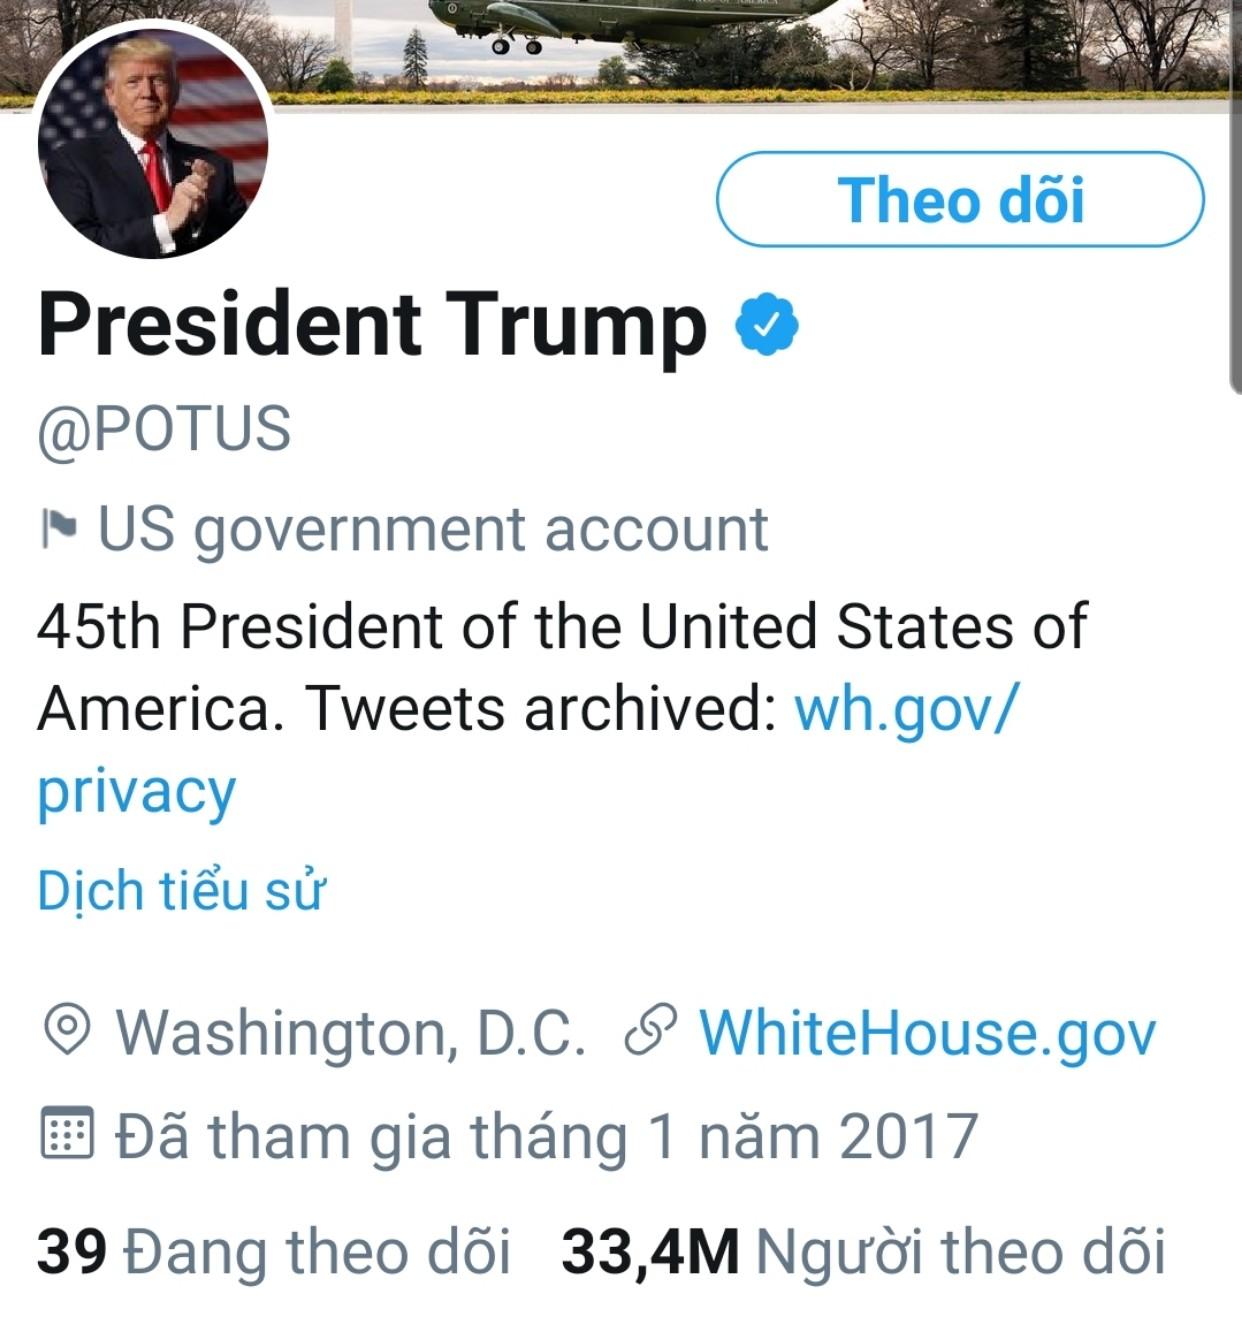 Twitter tiếp tục kiểm soát các tài khoản liên quan tới ông Trump - Ảnh 1.